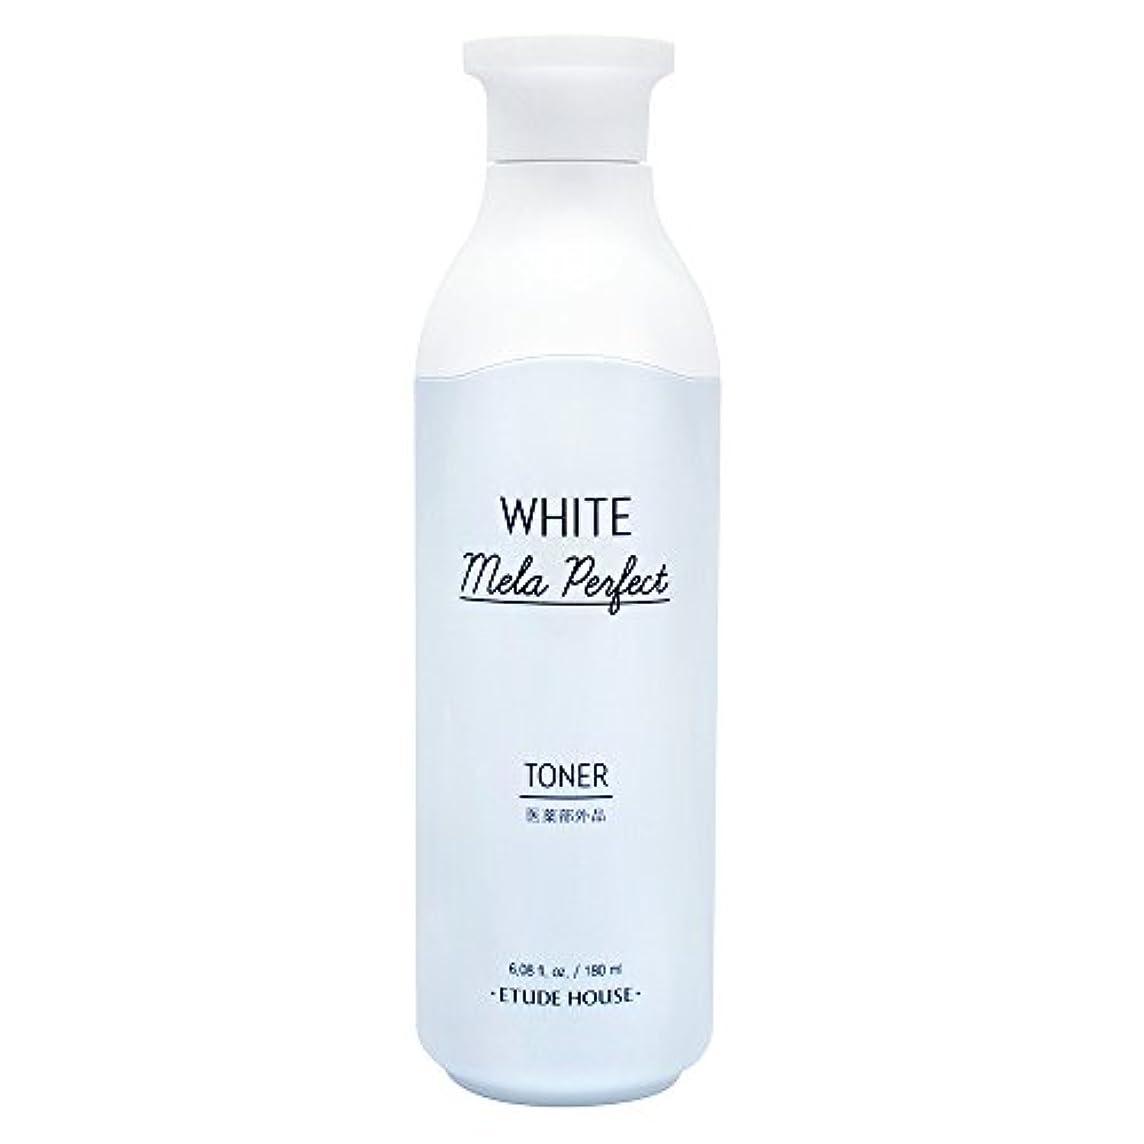 マニフェスト並外れた頑張るエチュードハウス(ETUDE HOUSE) ホワイトメラパーフェクト トナー[美白化粧水、化粧水]